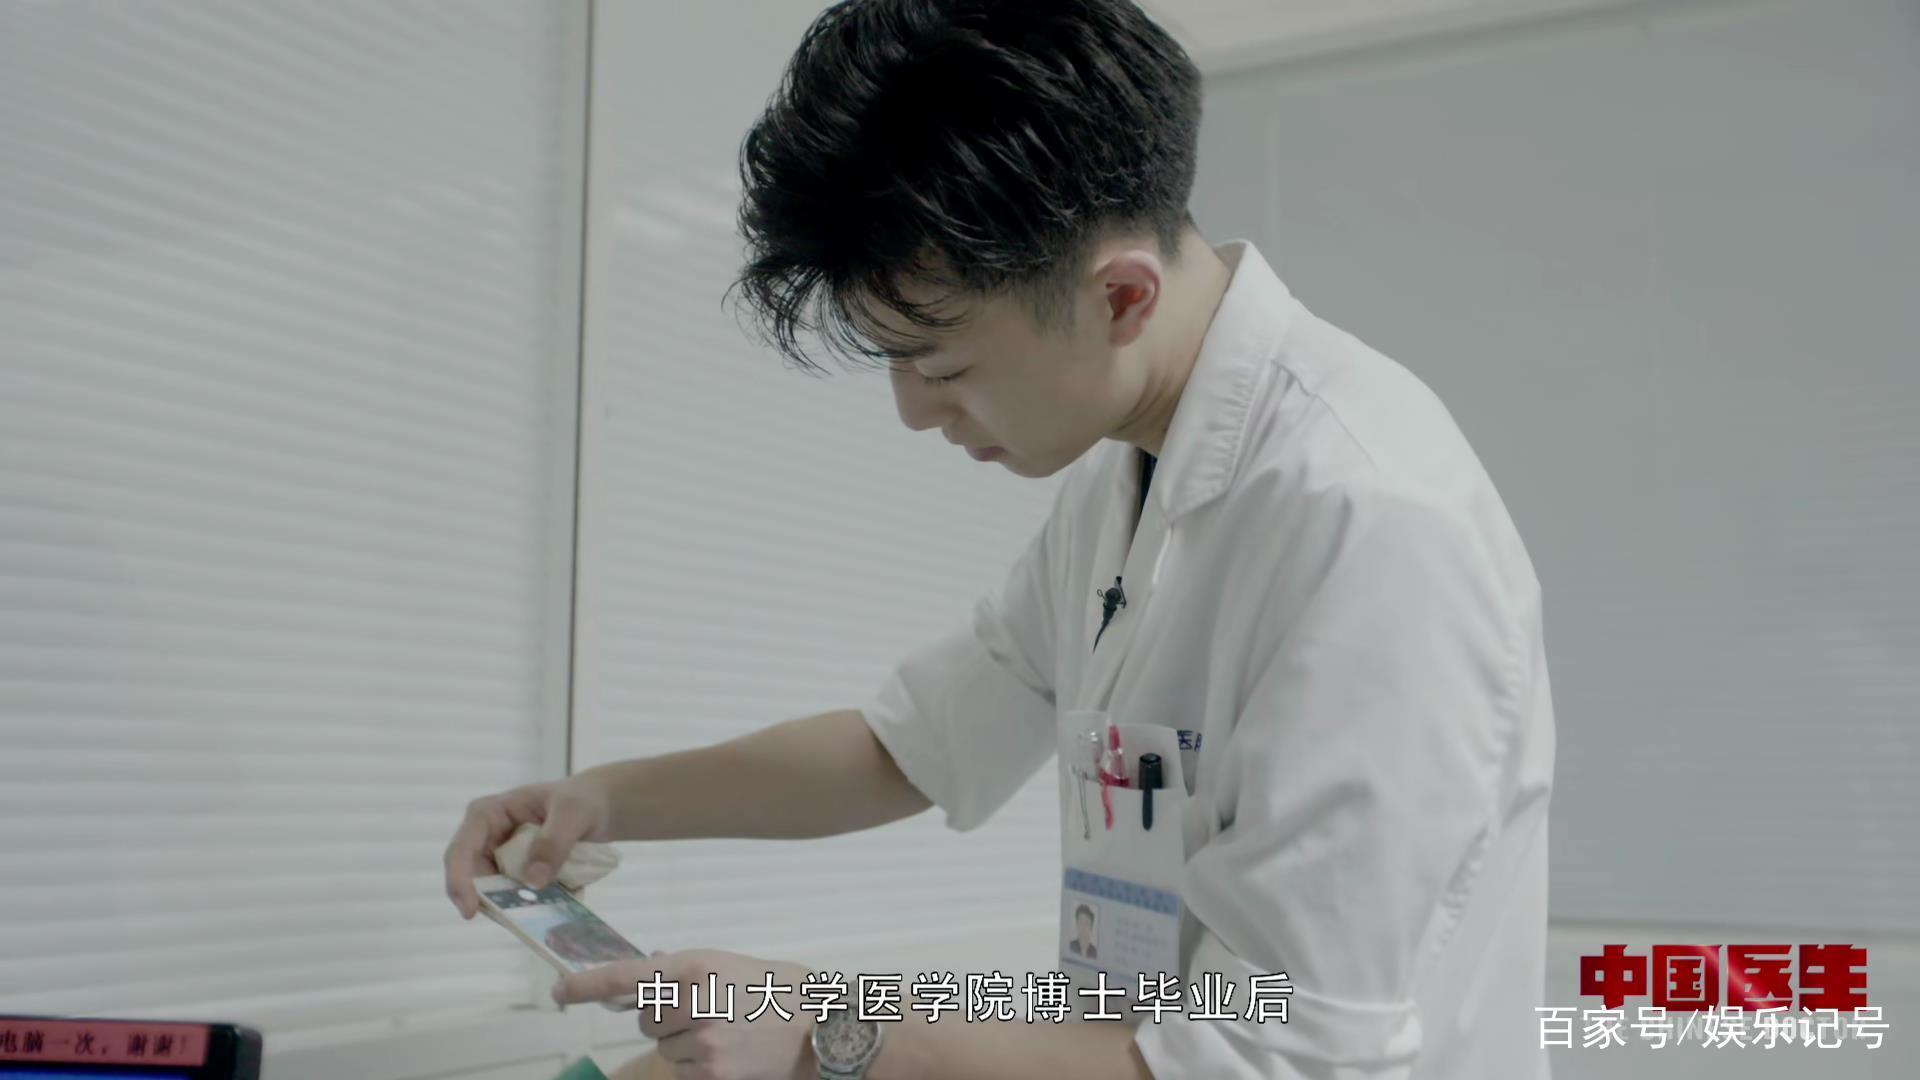 纪录片:中国医生的责任与担当。徐晔!最帅的人必须是他!